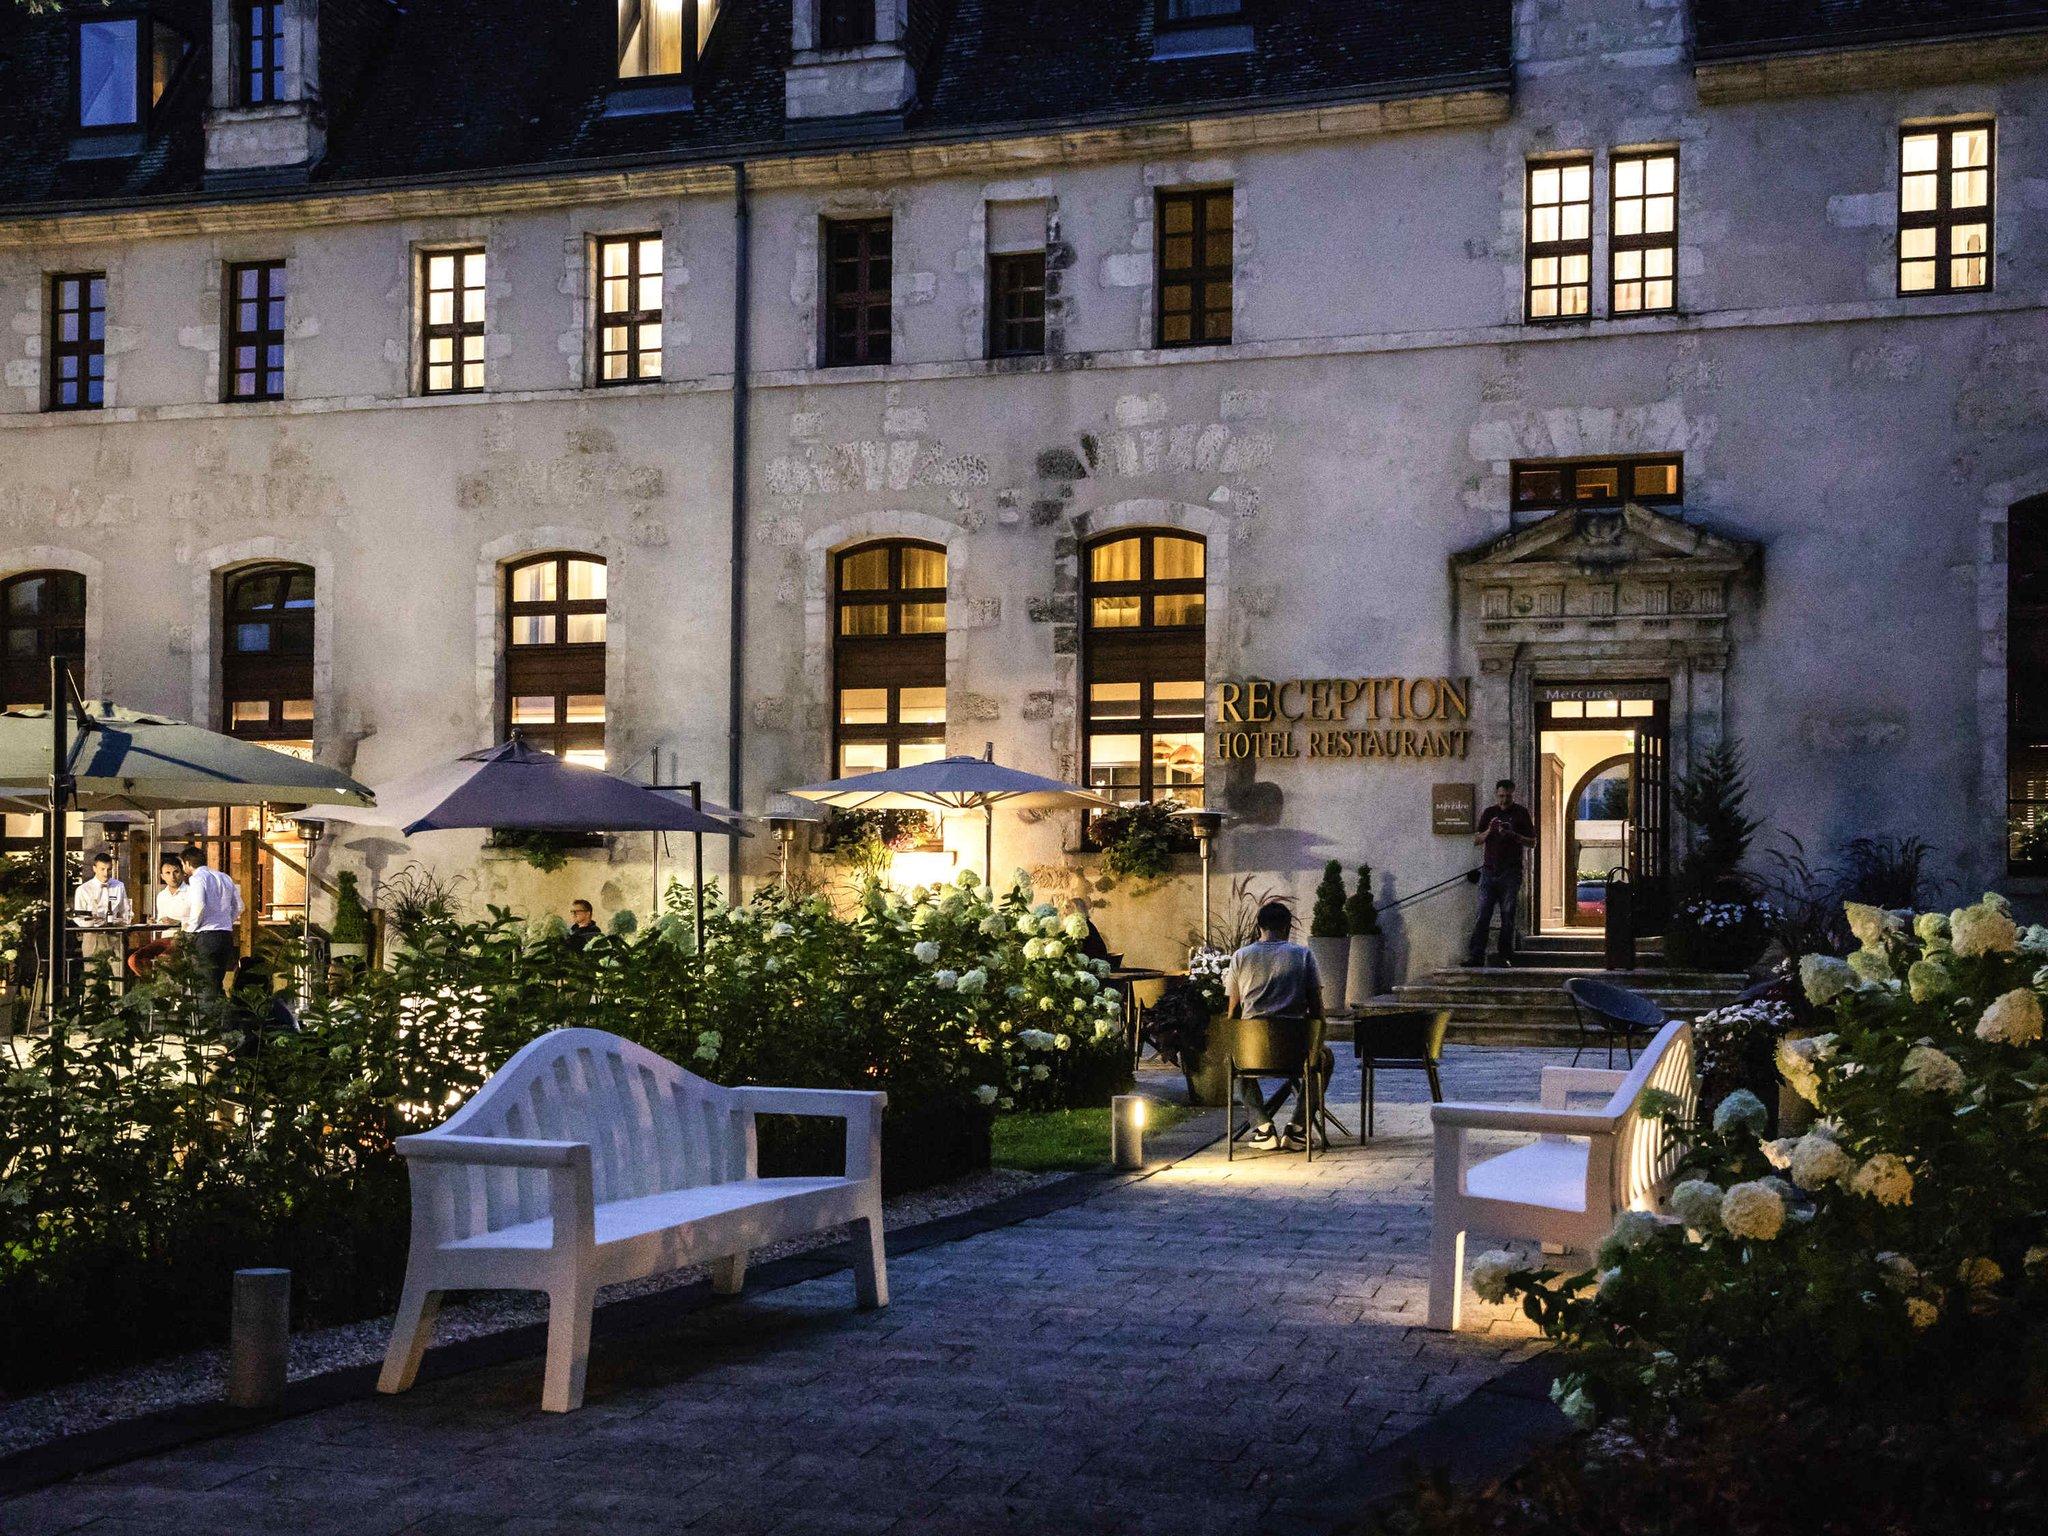 Les Petits Plats Du Bourbon Bourges hotel de bourbon grand mercure - bourges, france meeting